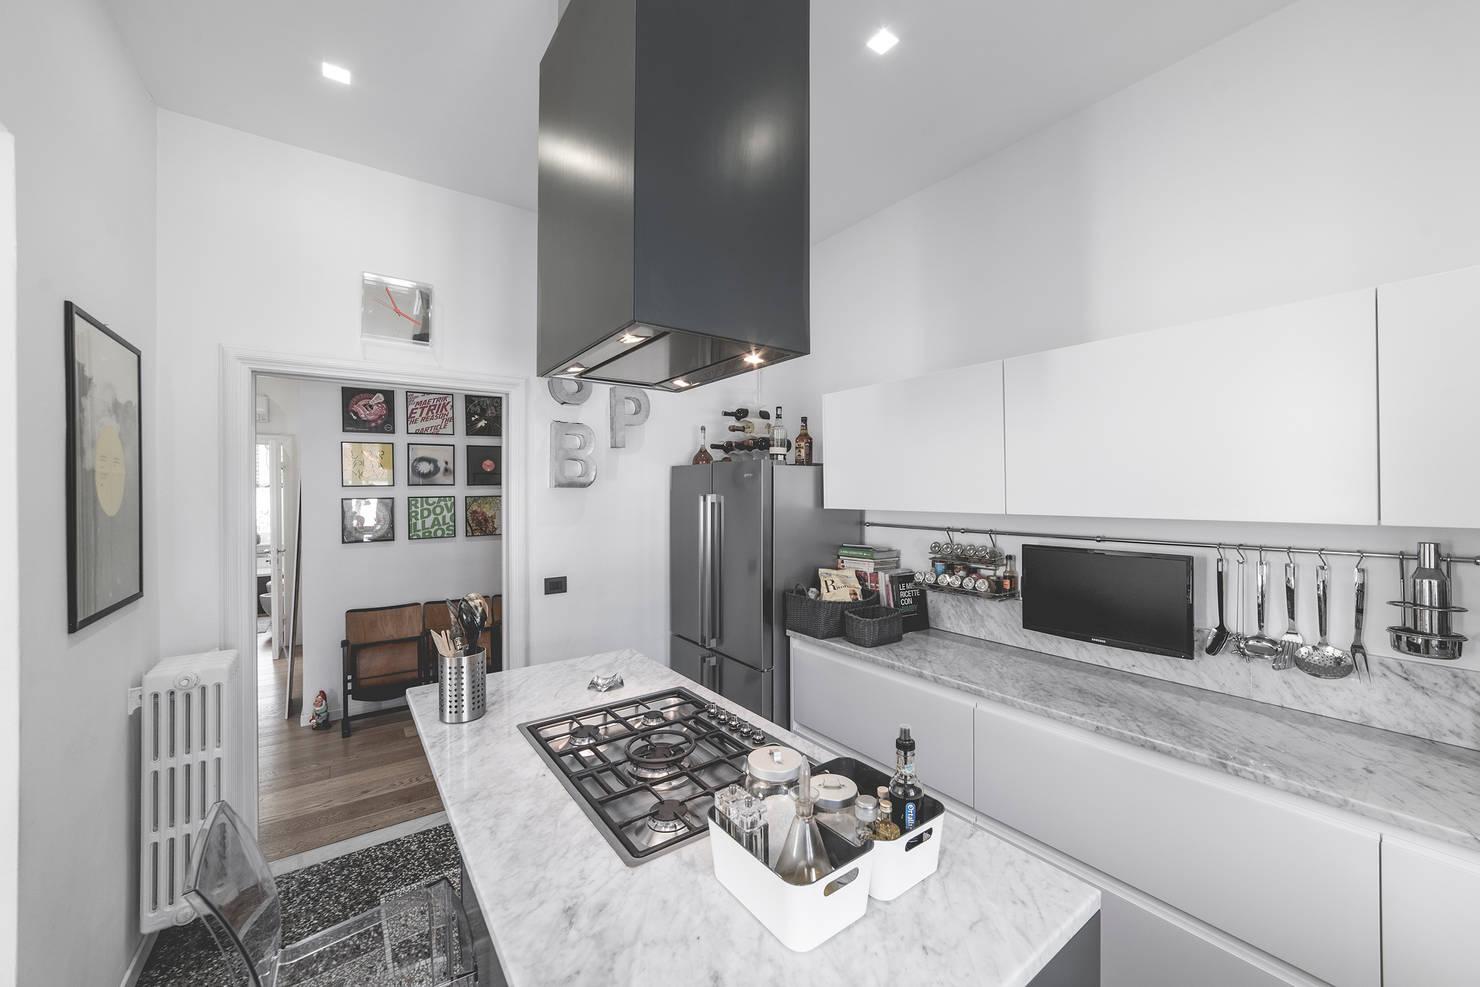 Современная квартира в белом цвете: 20 фото для вдохновения